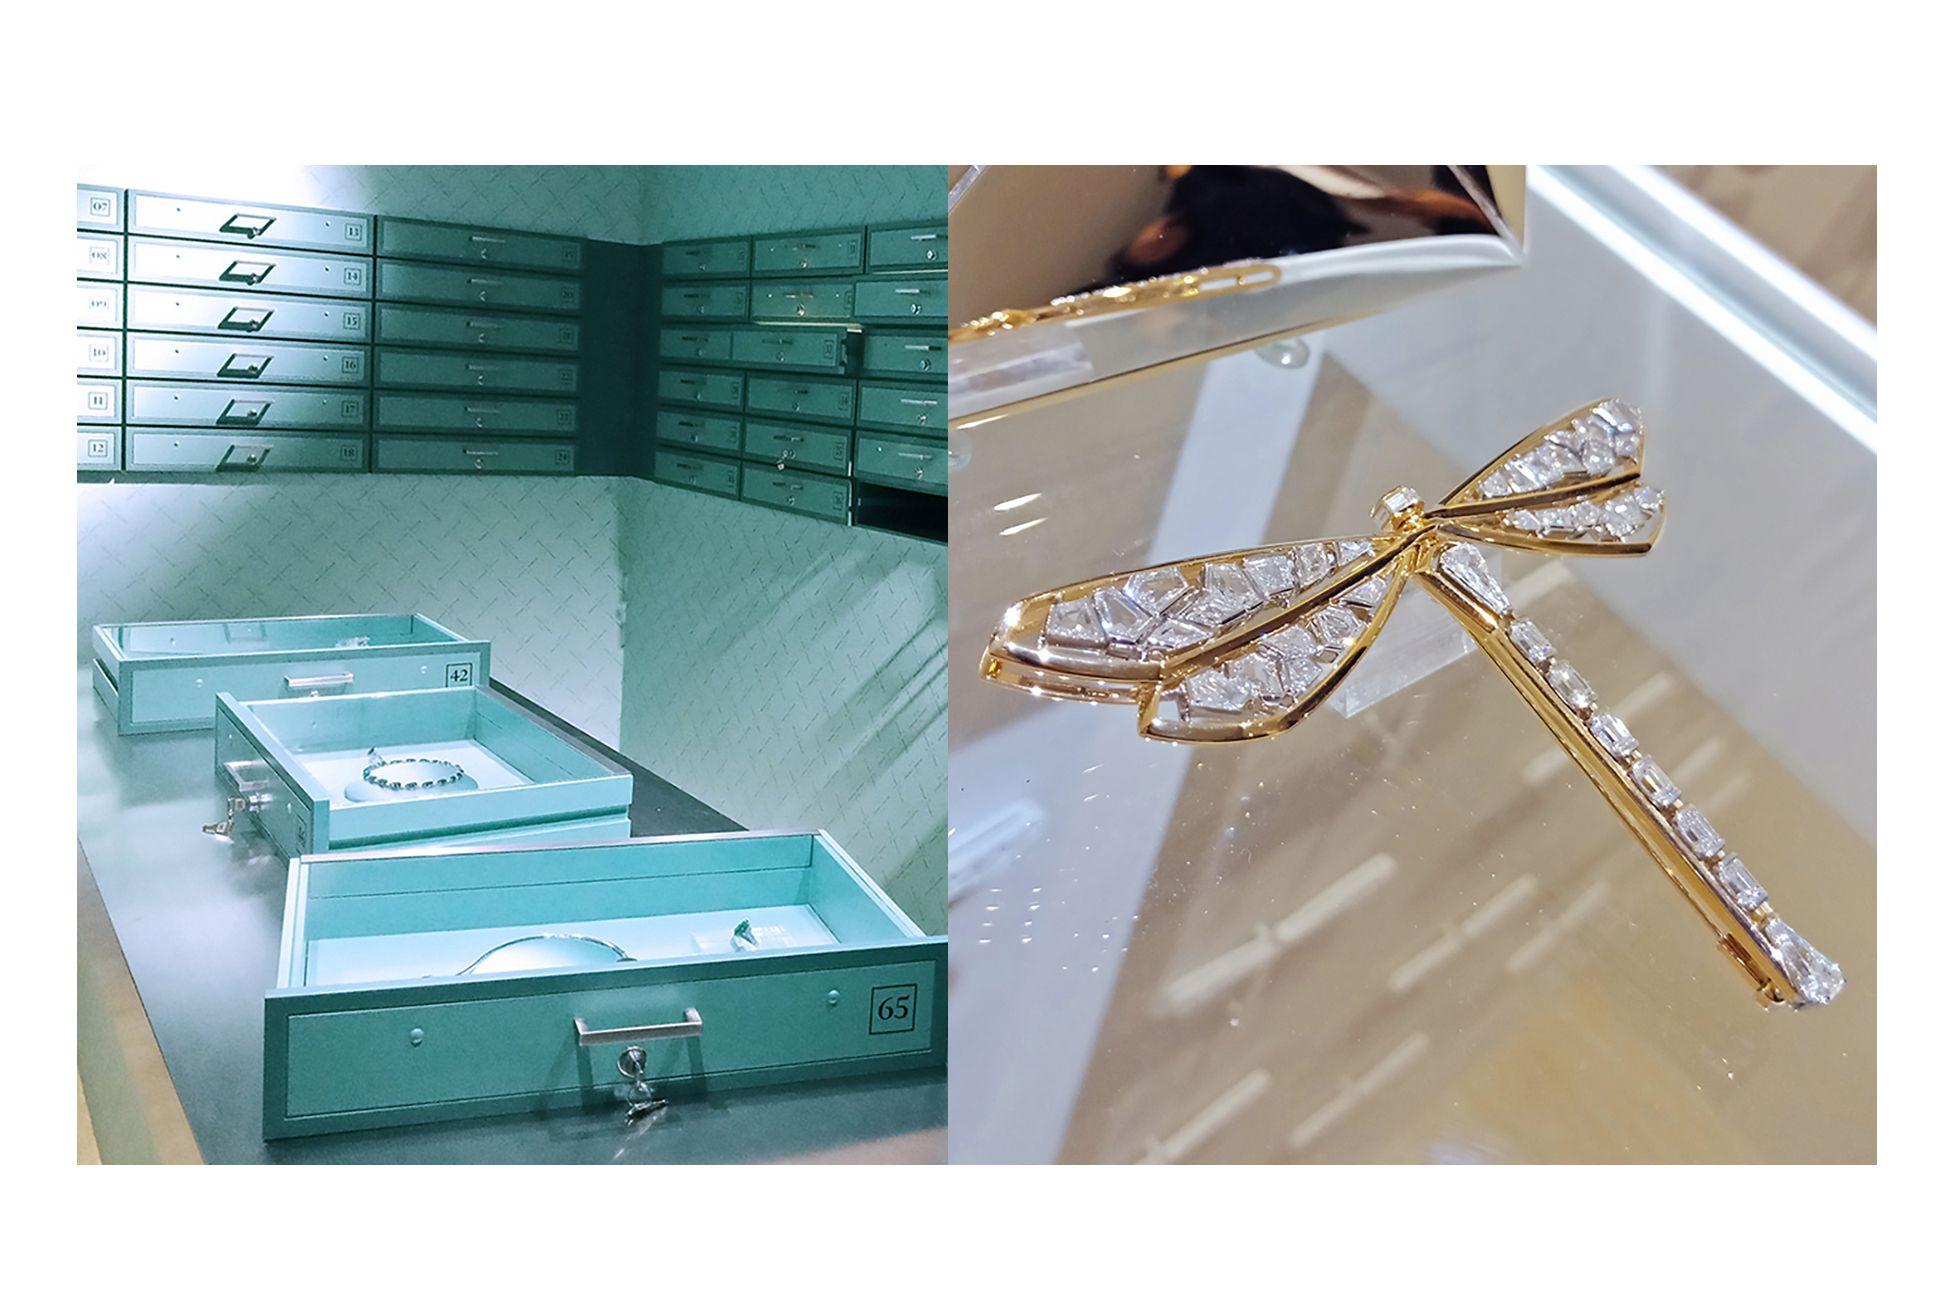 夢想中的Tiffany Jewel Box!2019 Blue Book高級珠寶系列五大設計重點搶先看